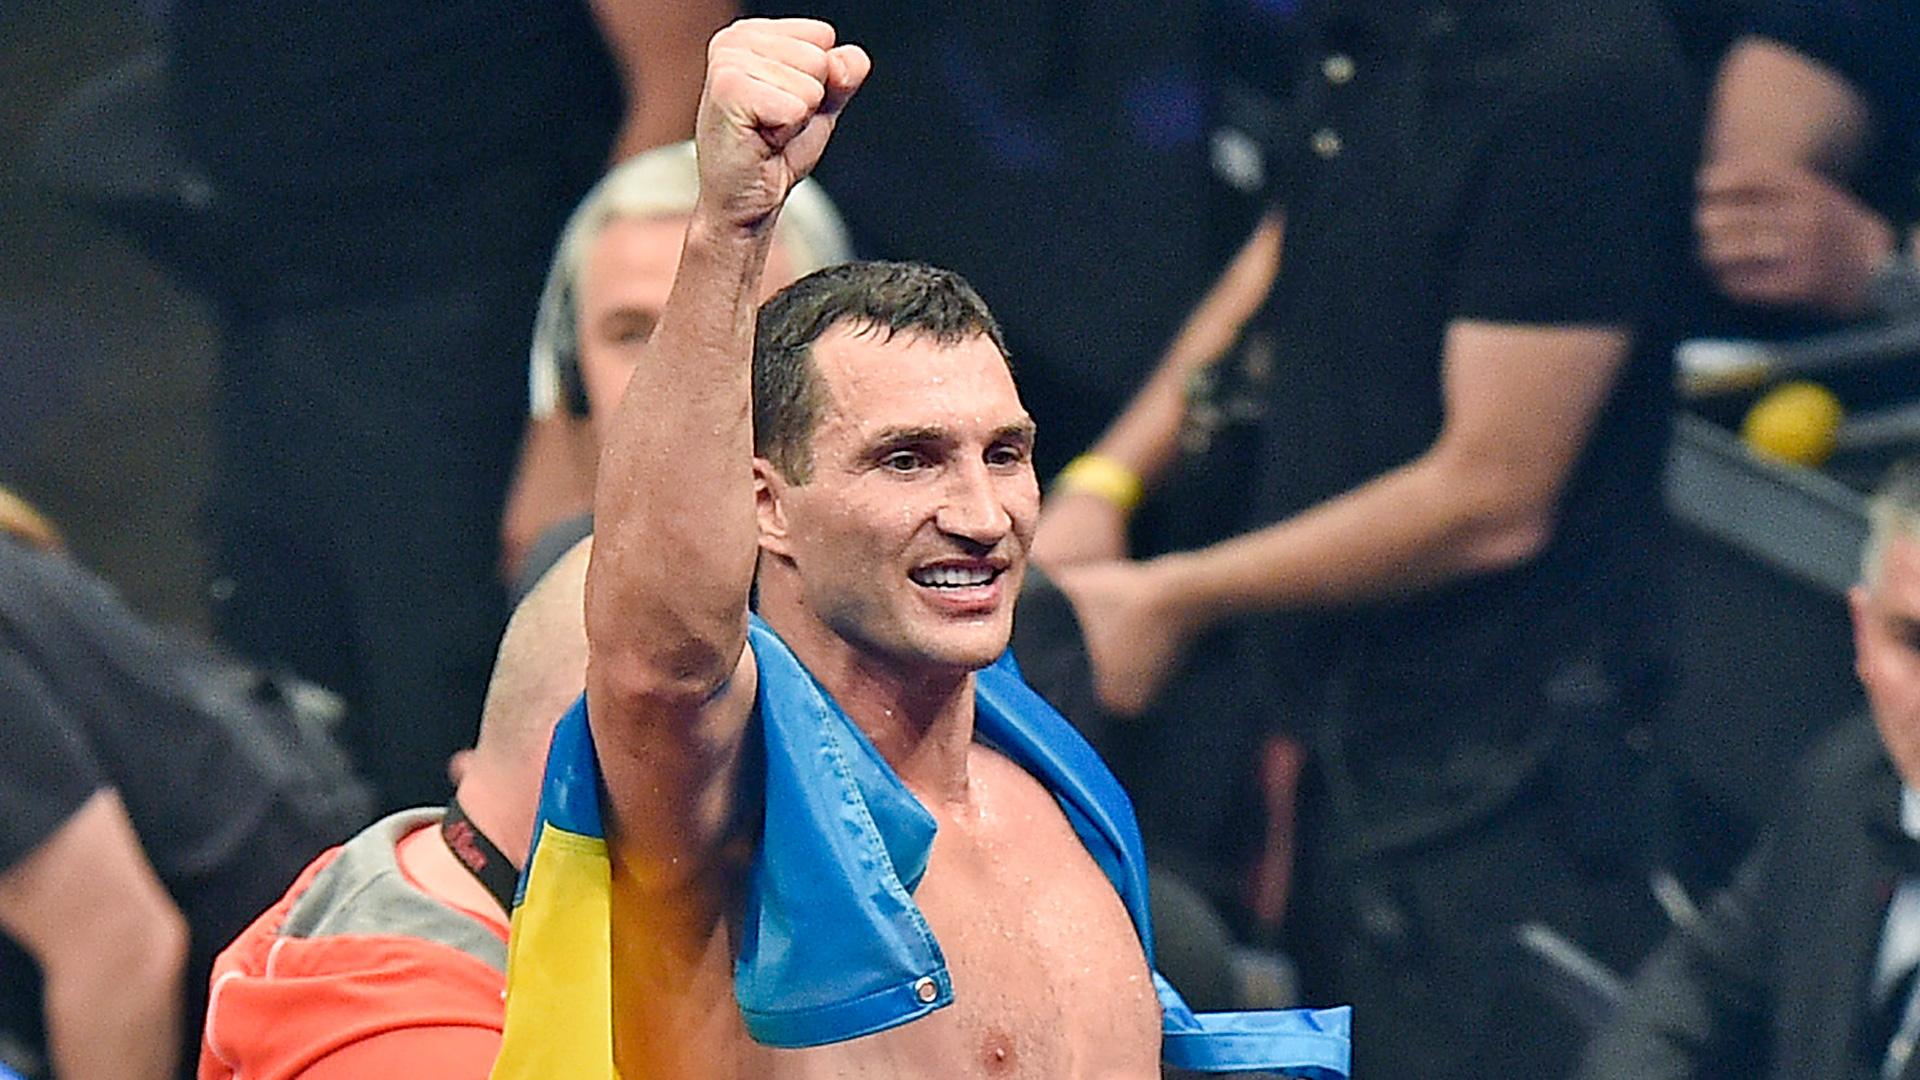 Wladimir Klitschko-042614-AP-FTR.jpg